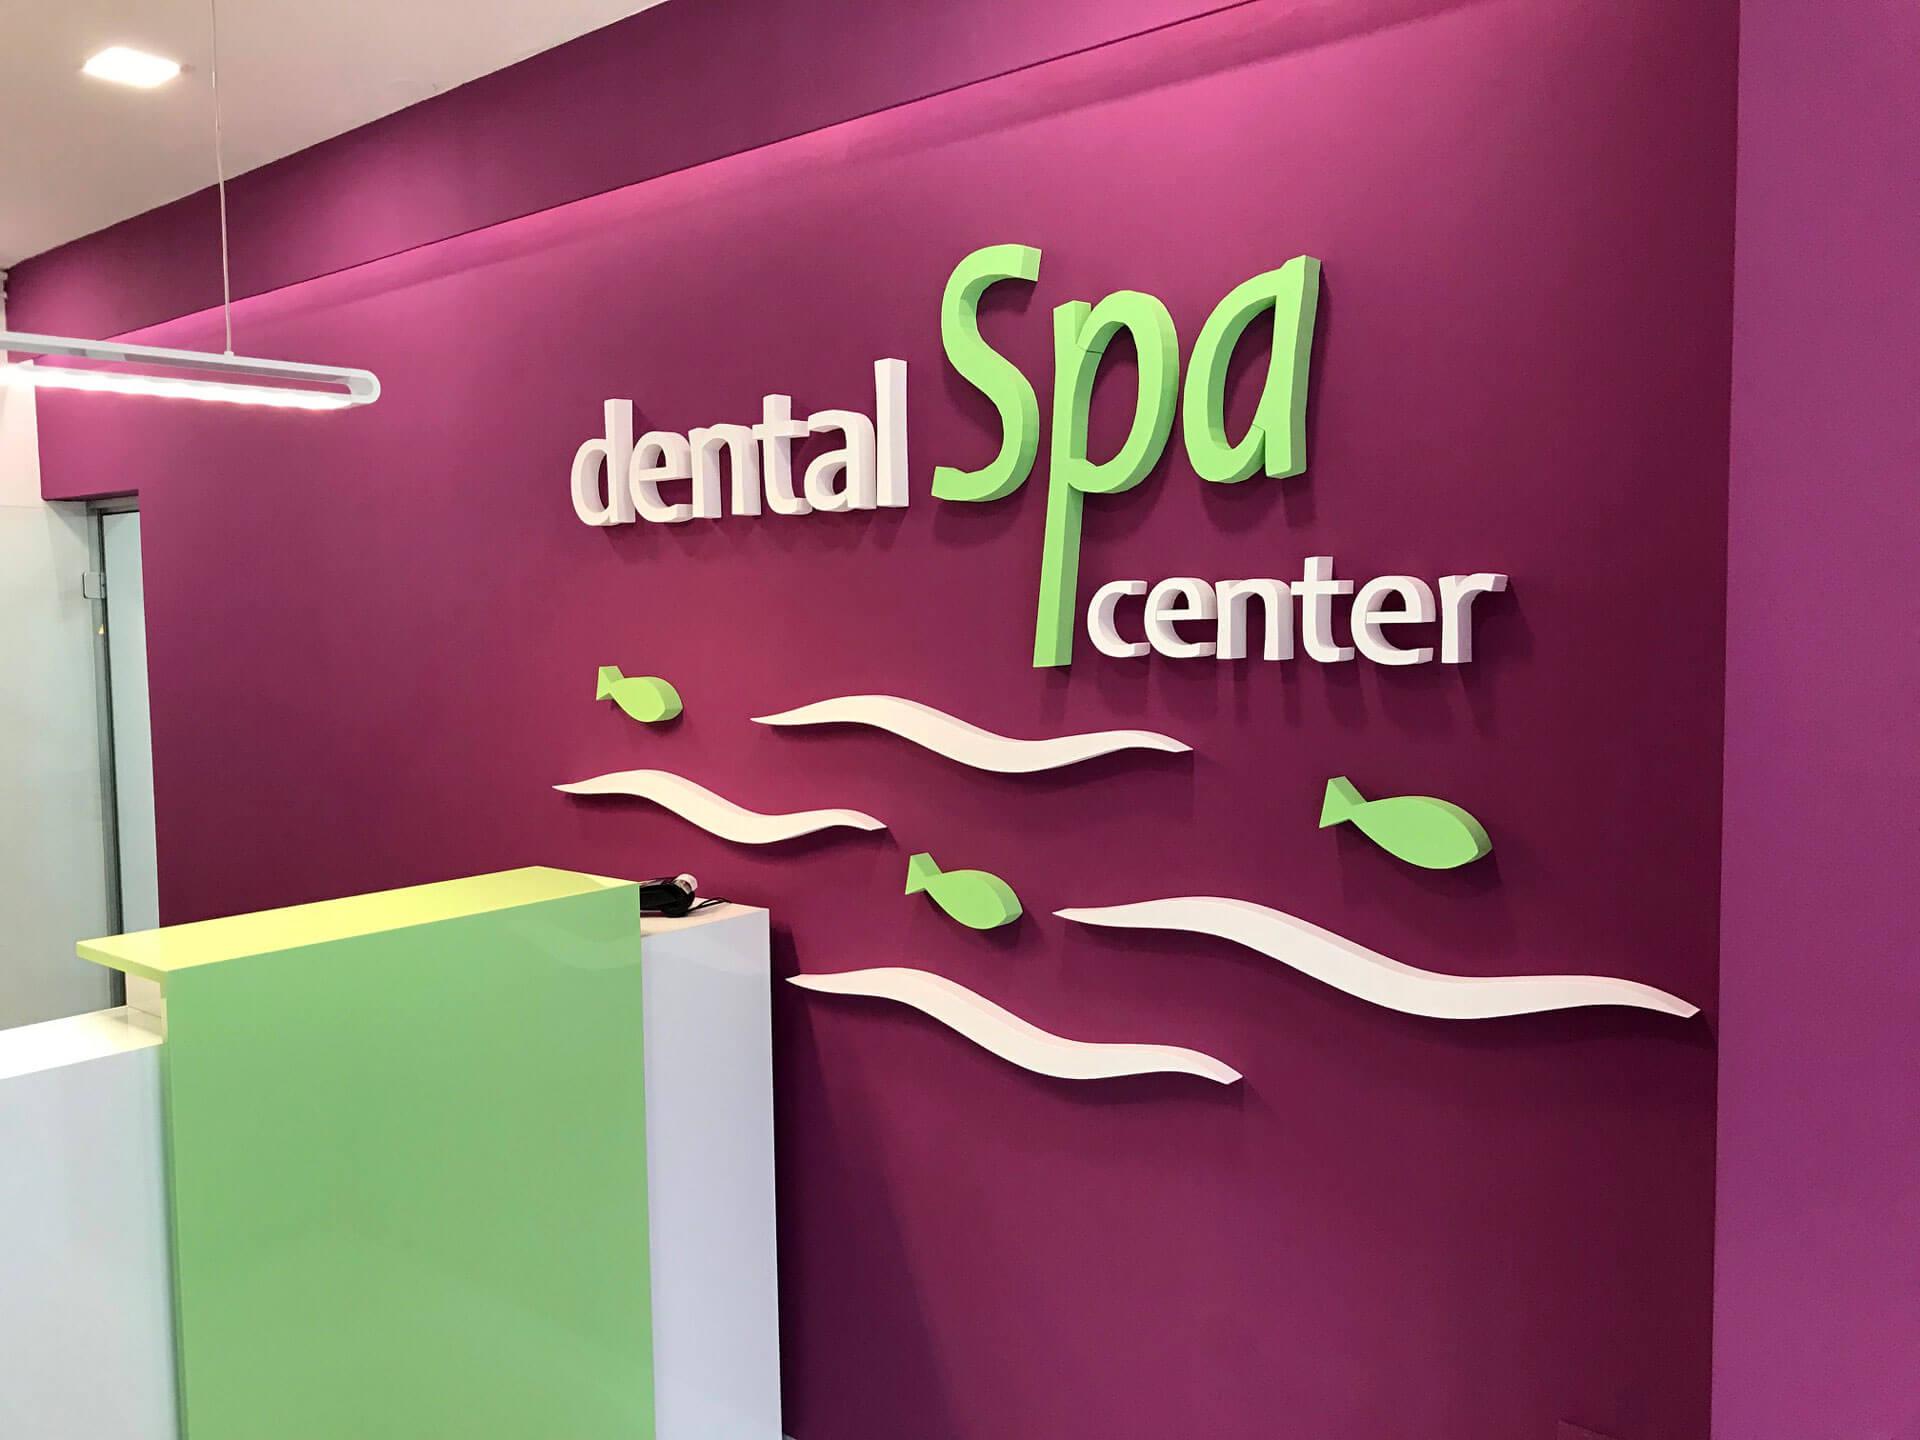 Dental SPA centar, Niš